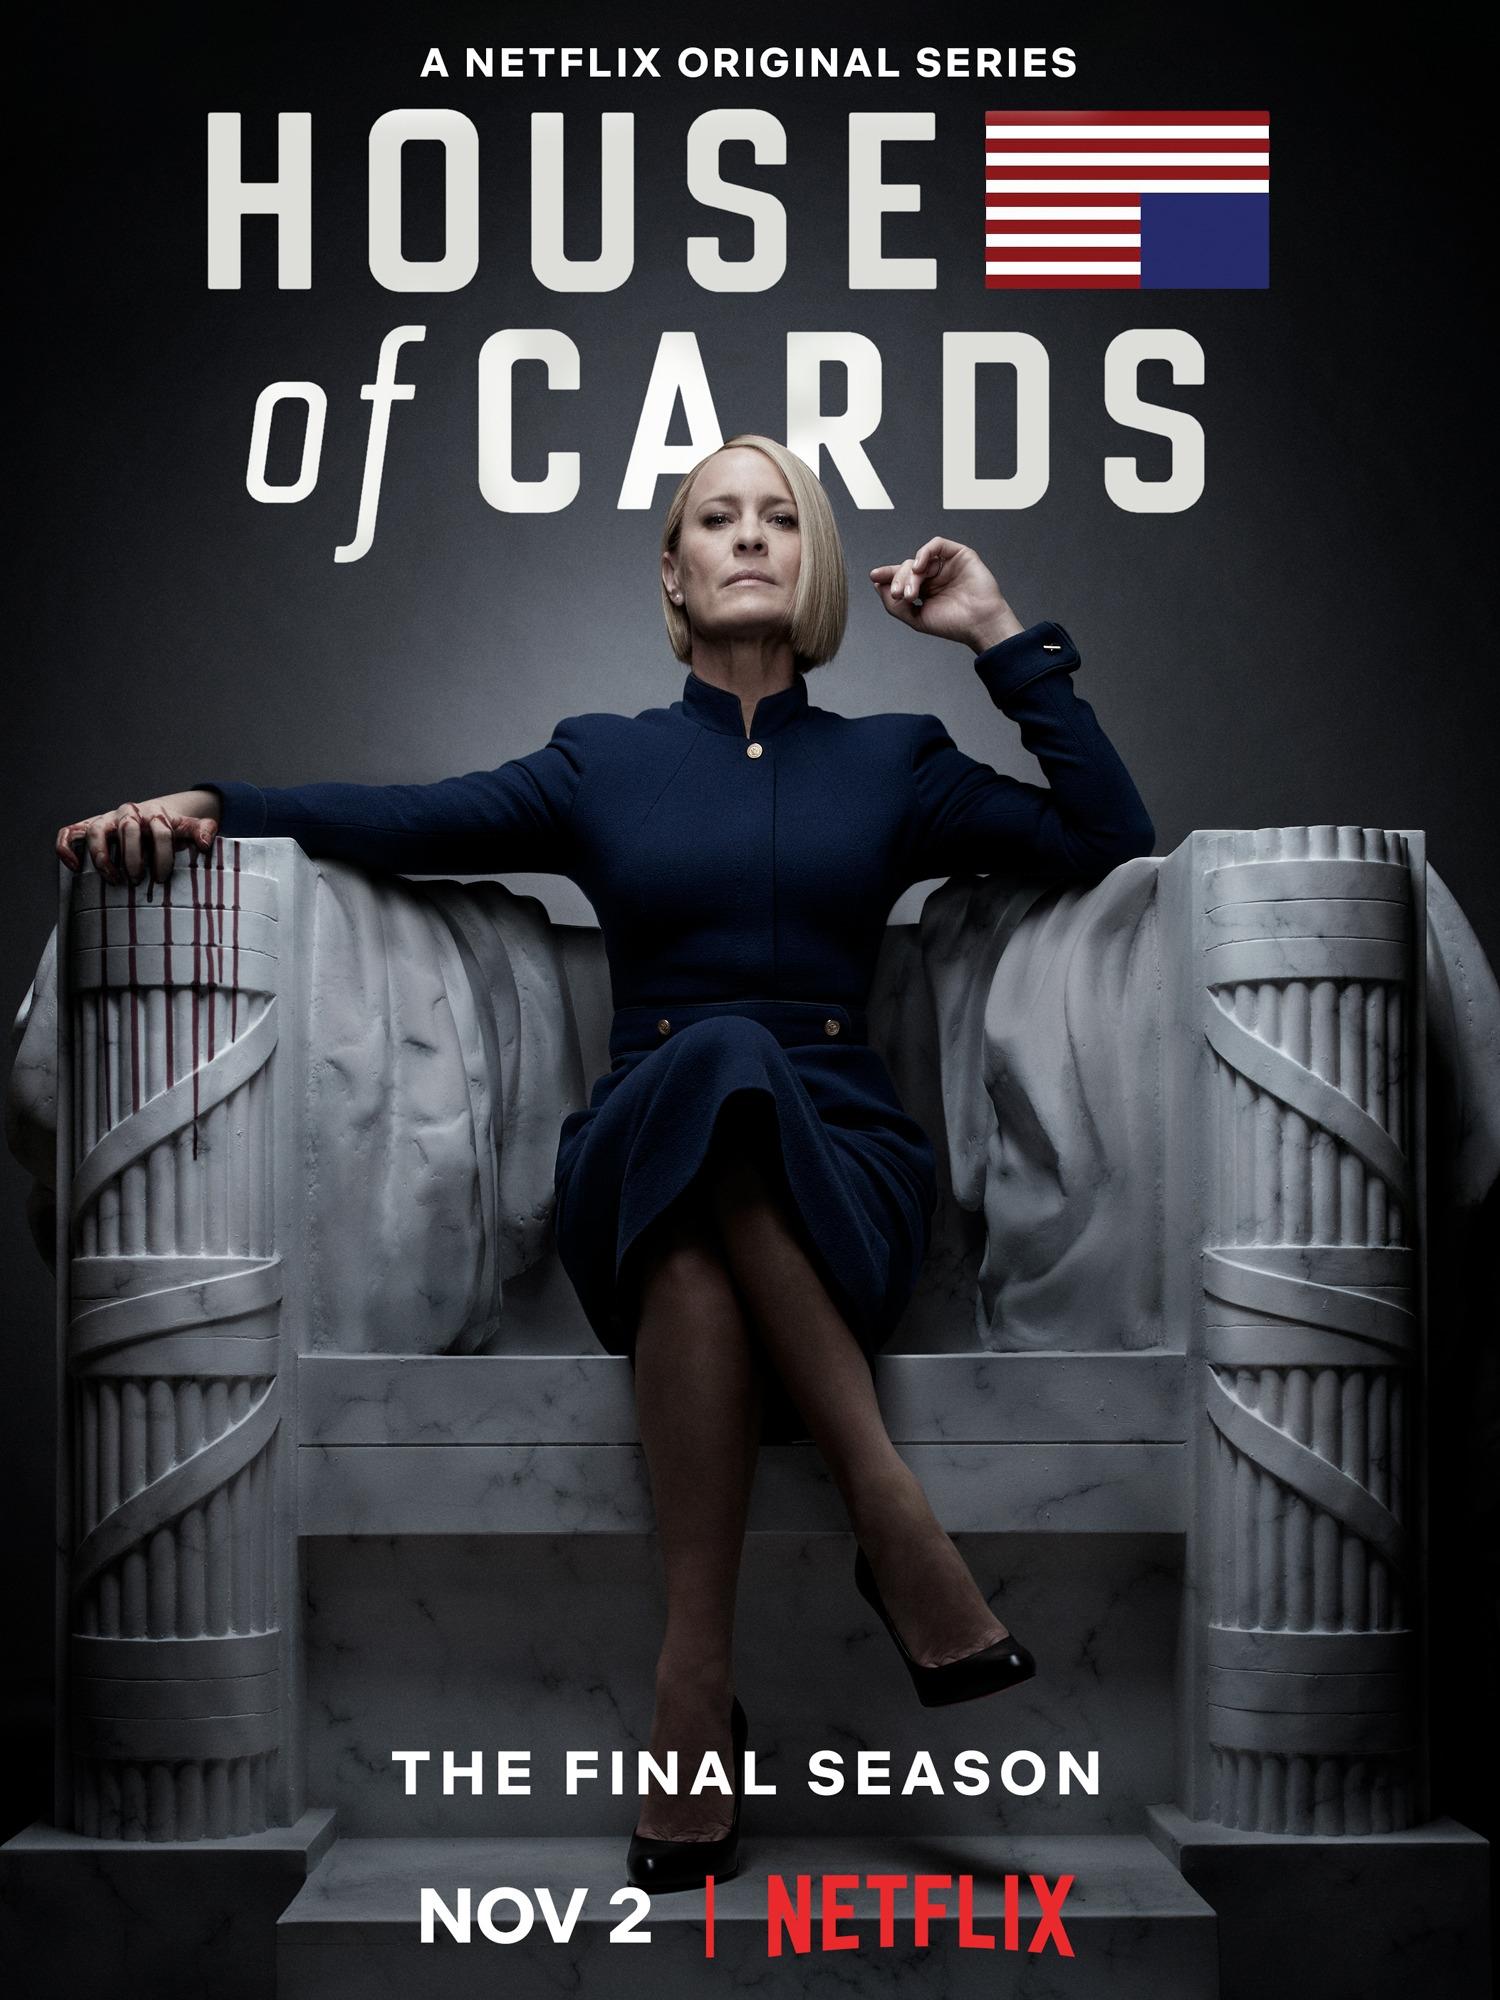 House of Cards, primeira produzida pela Netflix